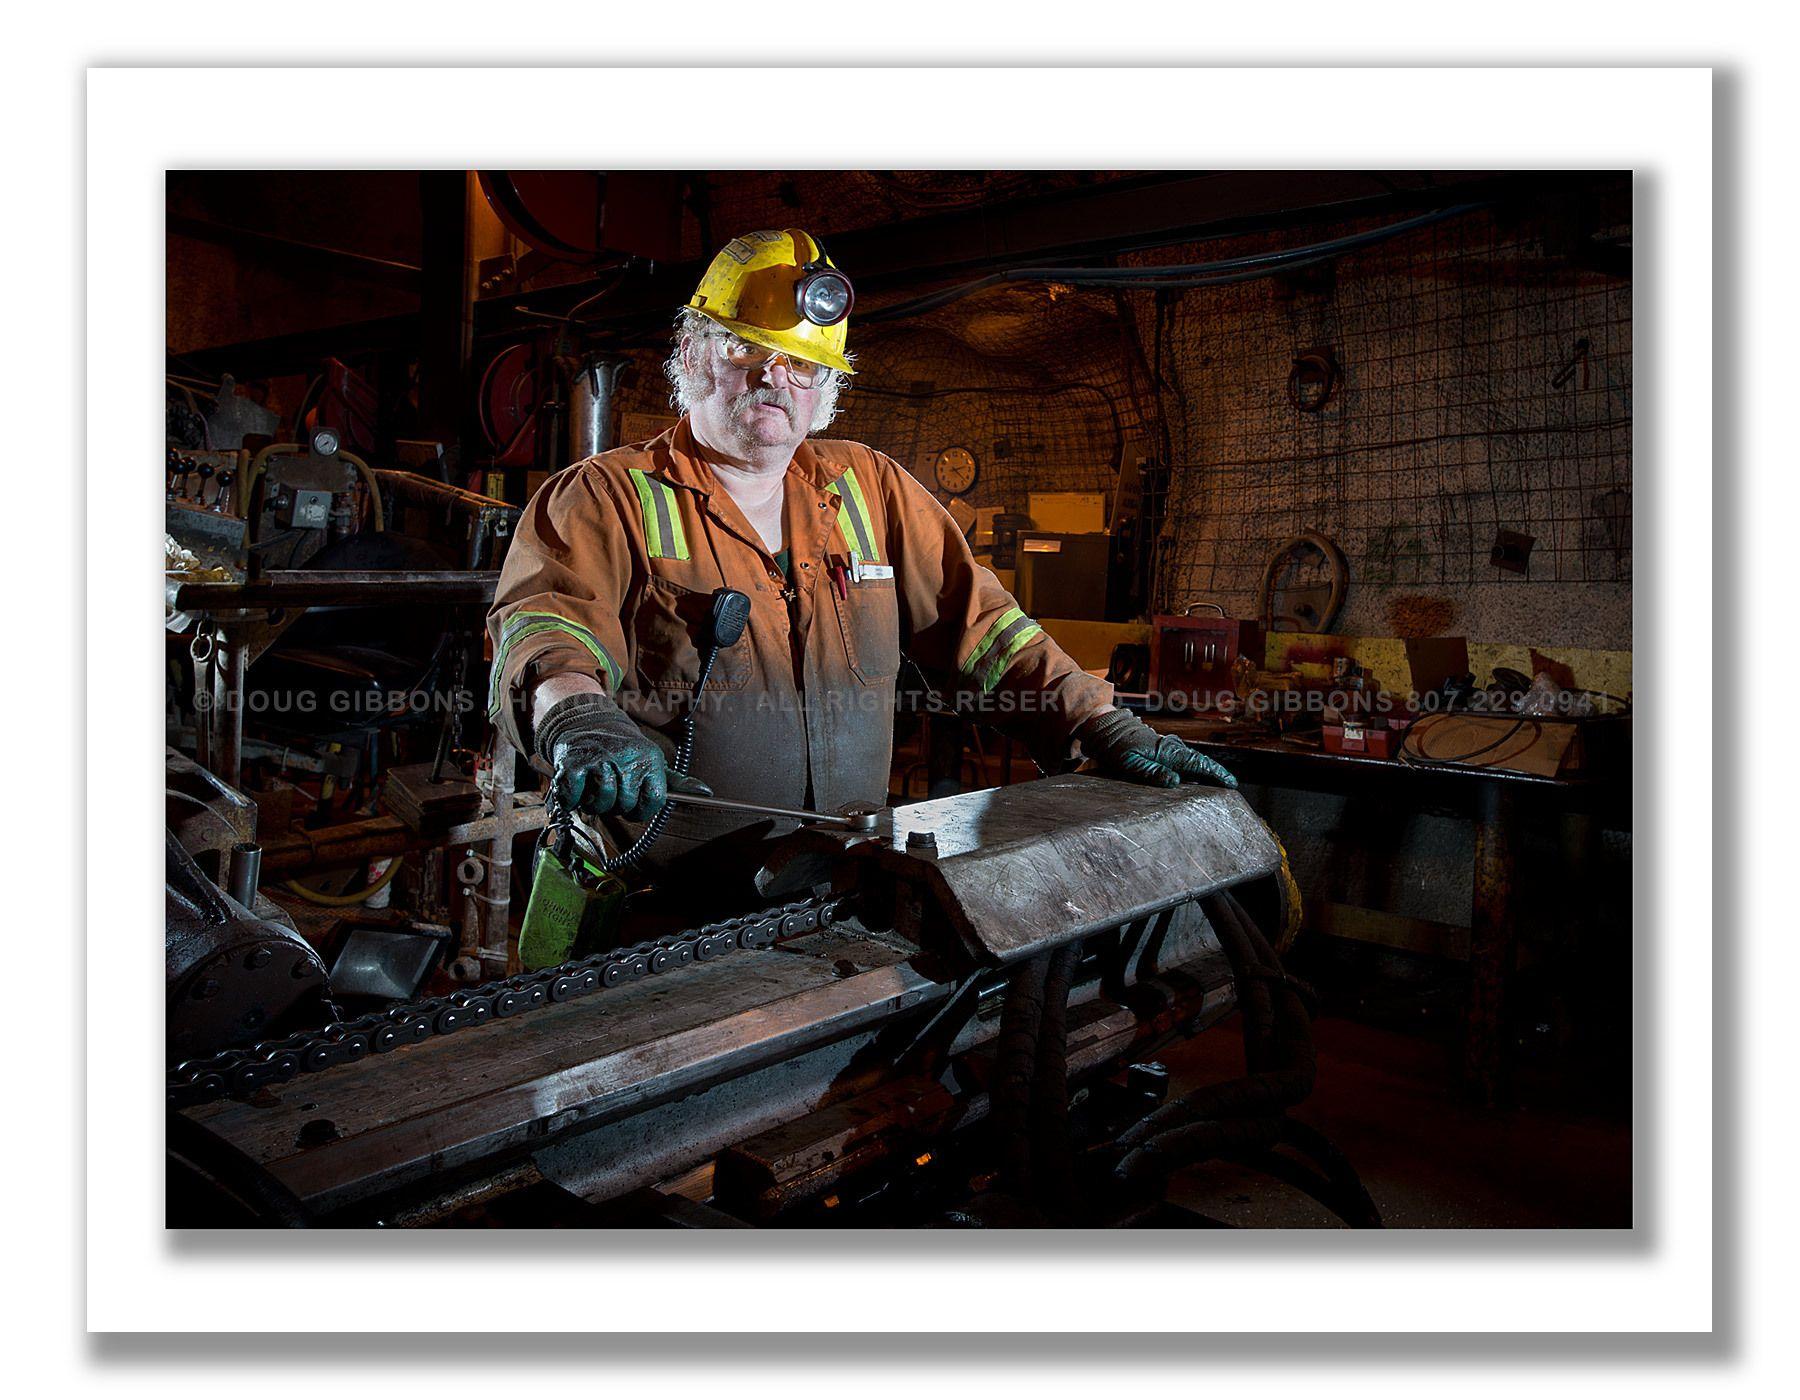 Underground  shop tradesman